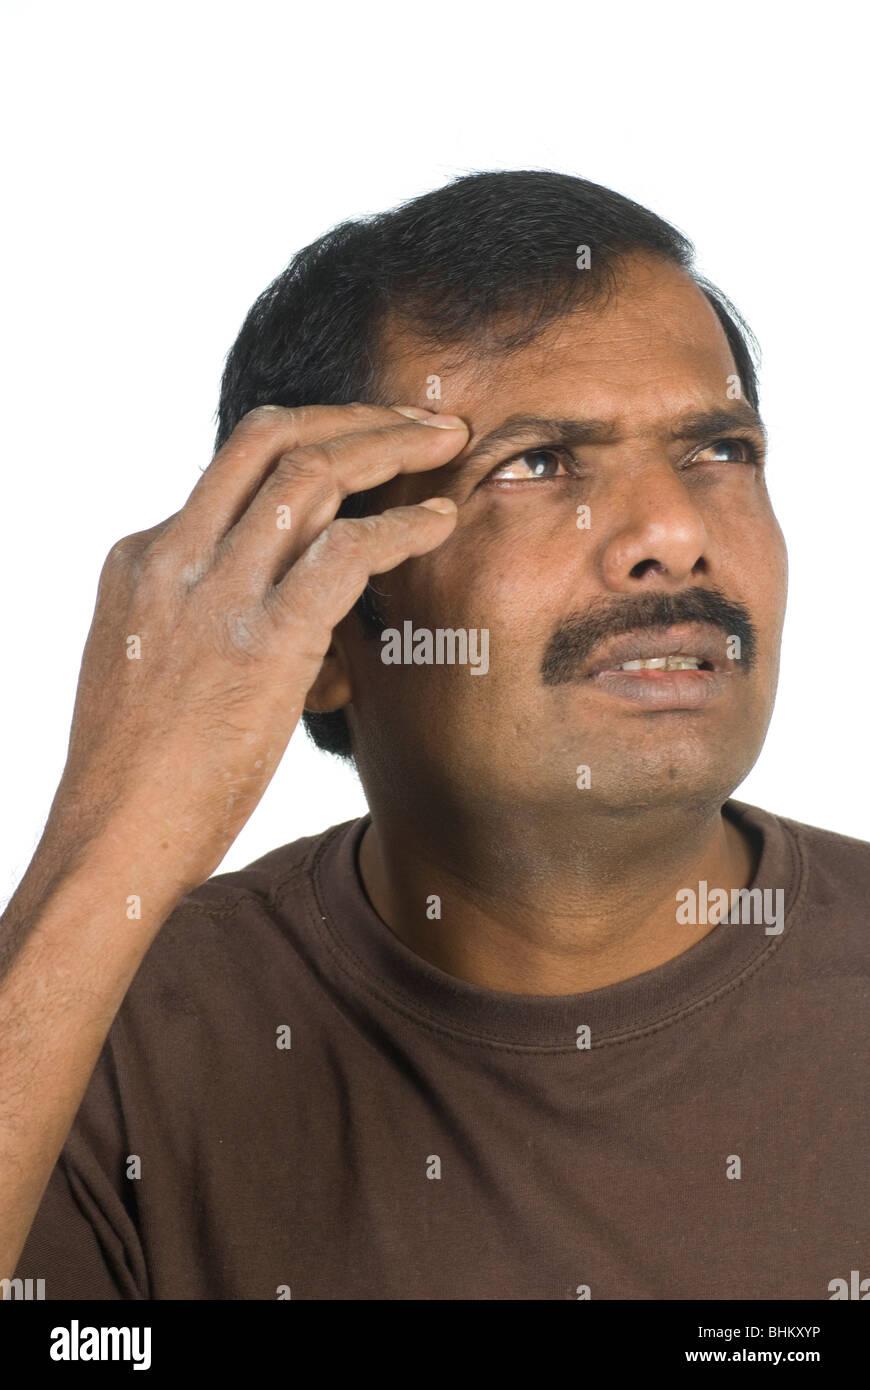 Hombre indio intenta recordar algo con la mano sobre la cabeza contra un fondo blanco. Imagen De Stock